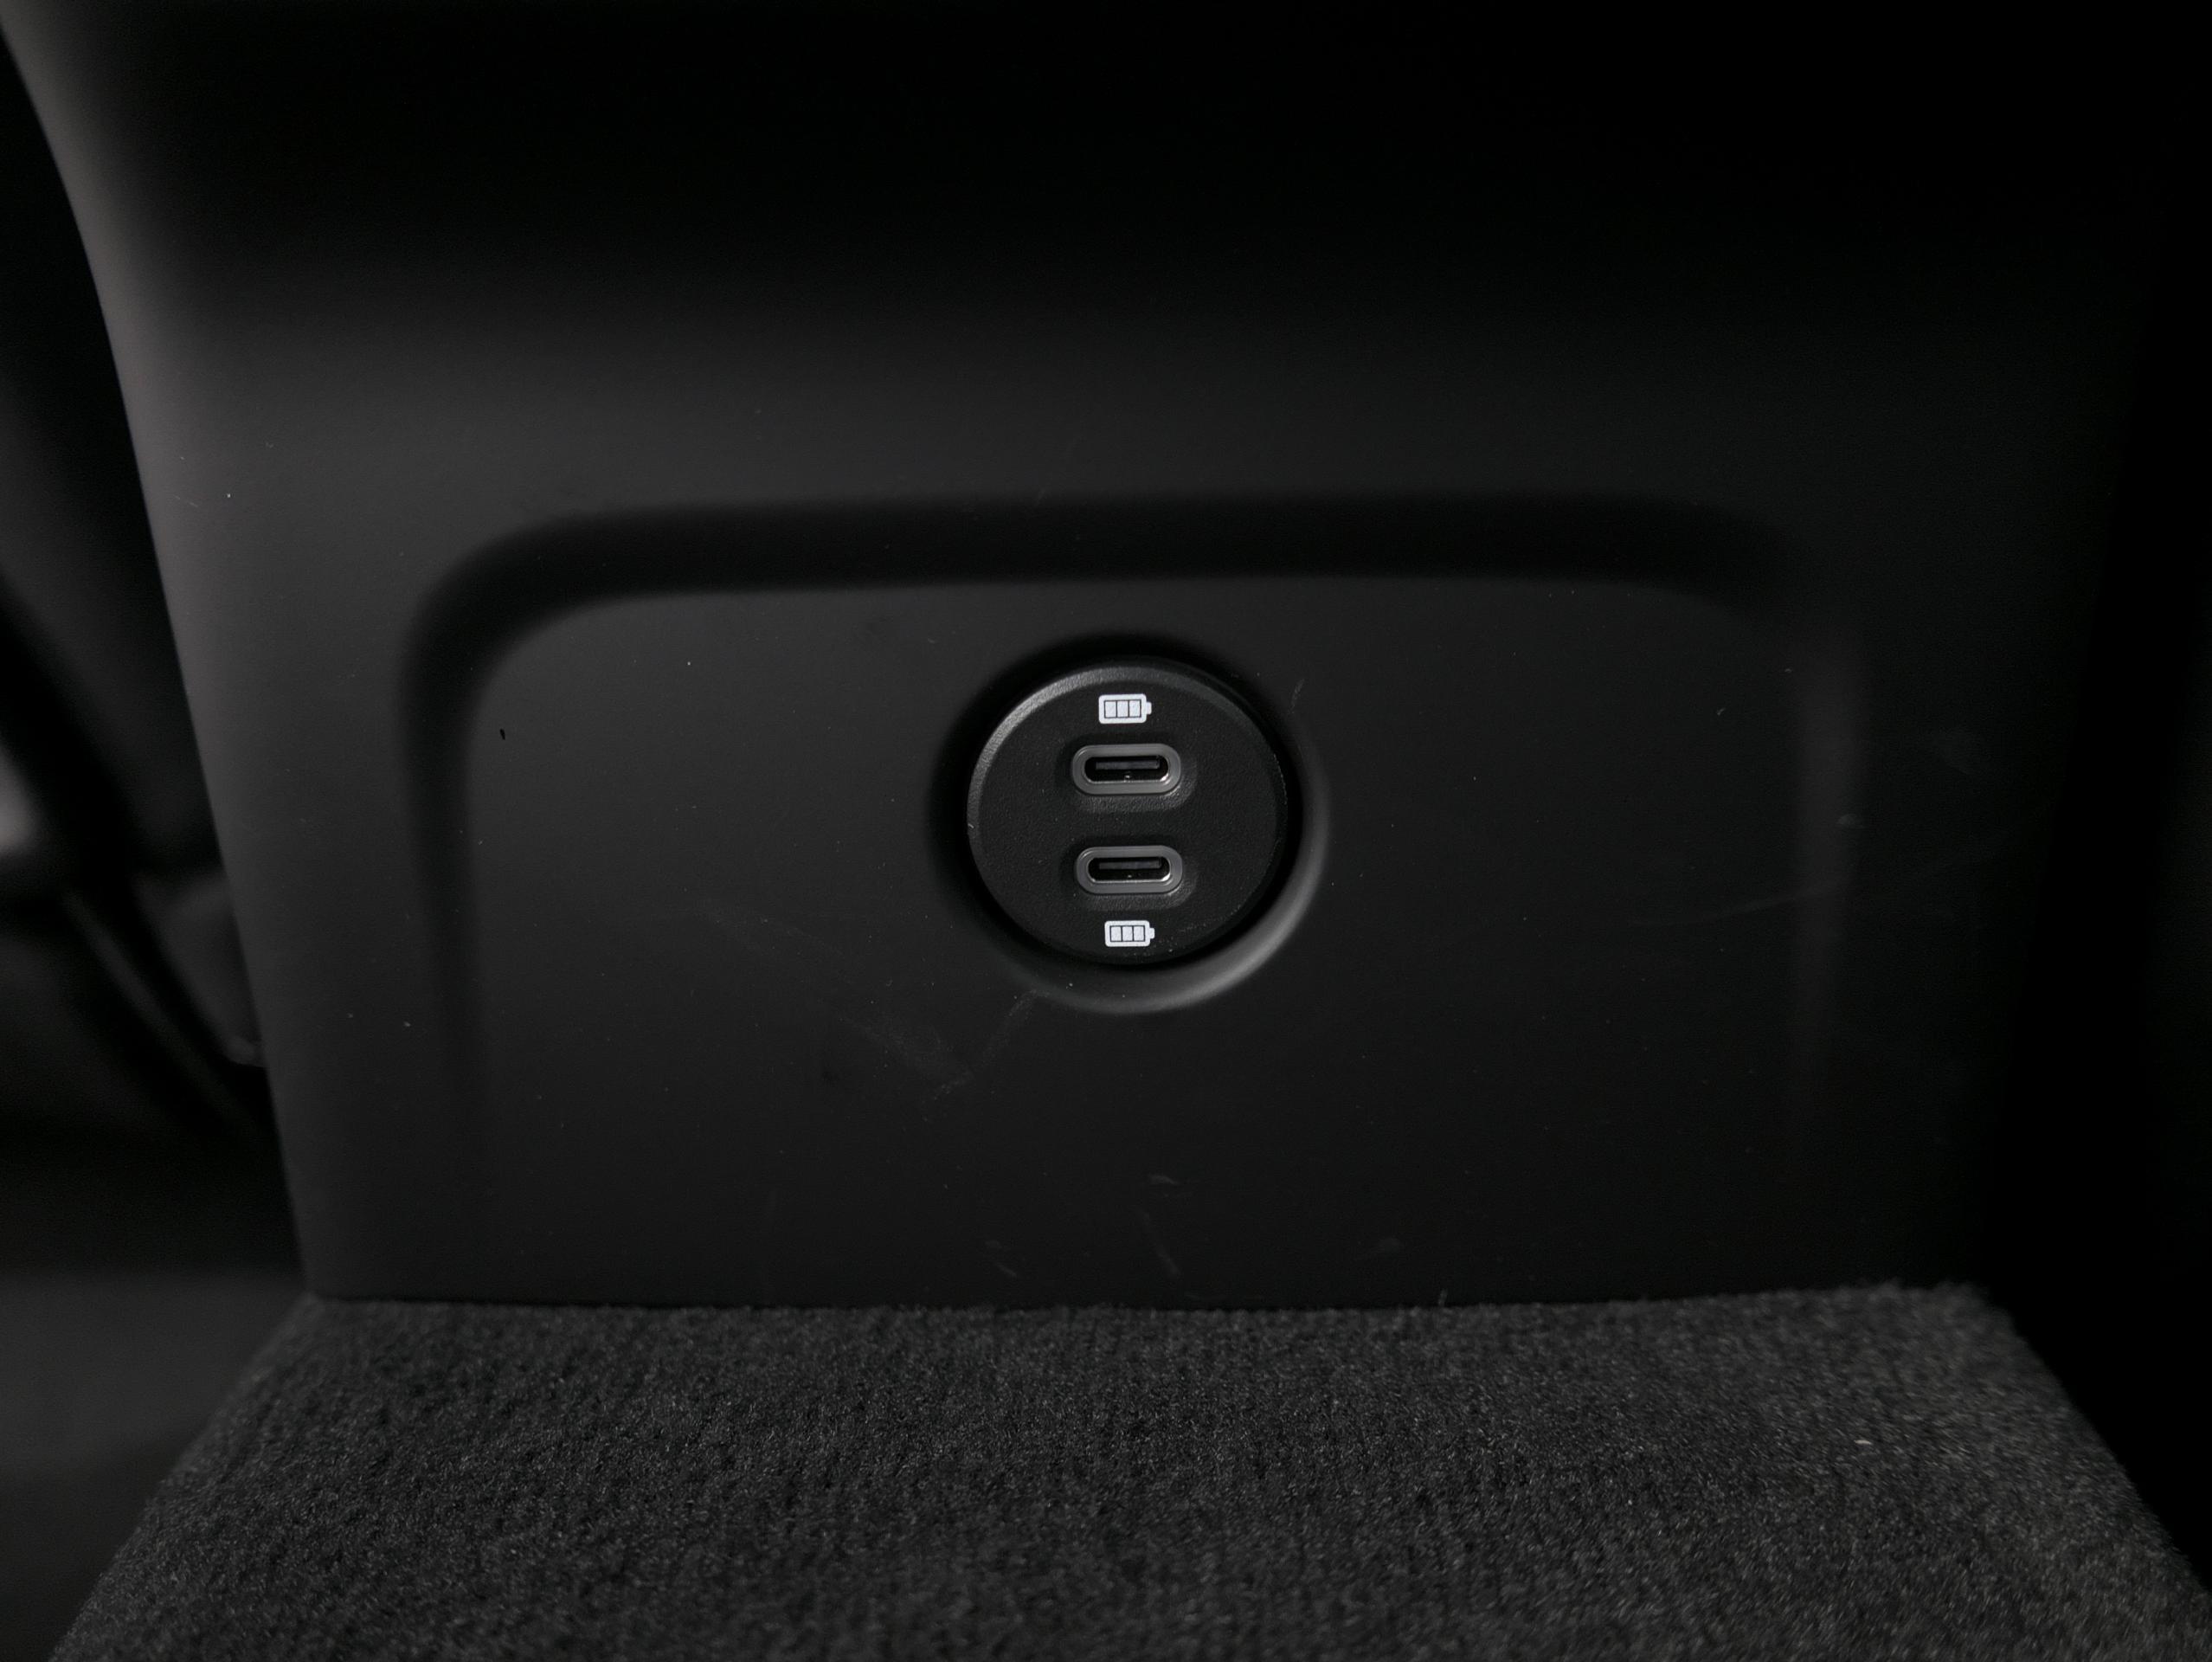 ポルシェ マカン GTS スポーツクロノ USBポート